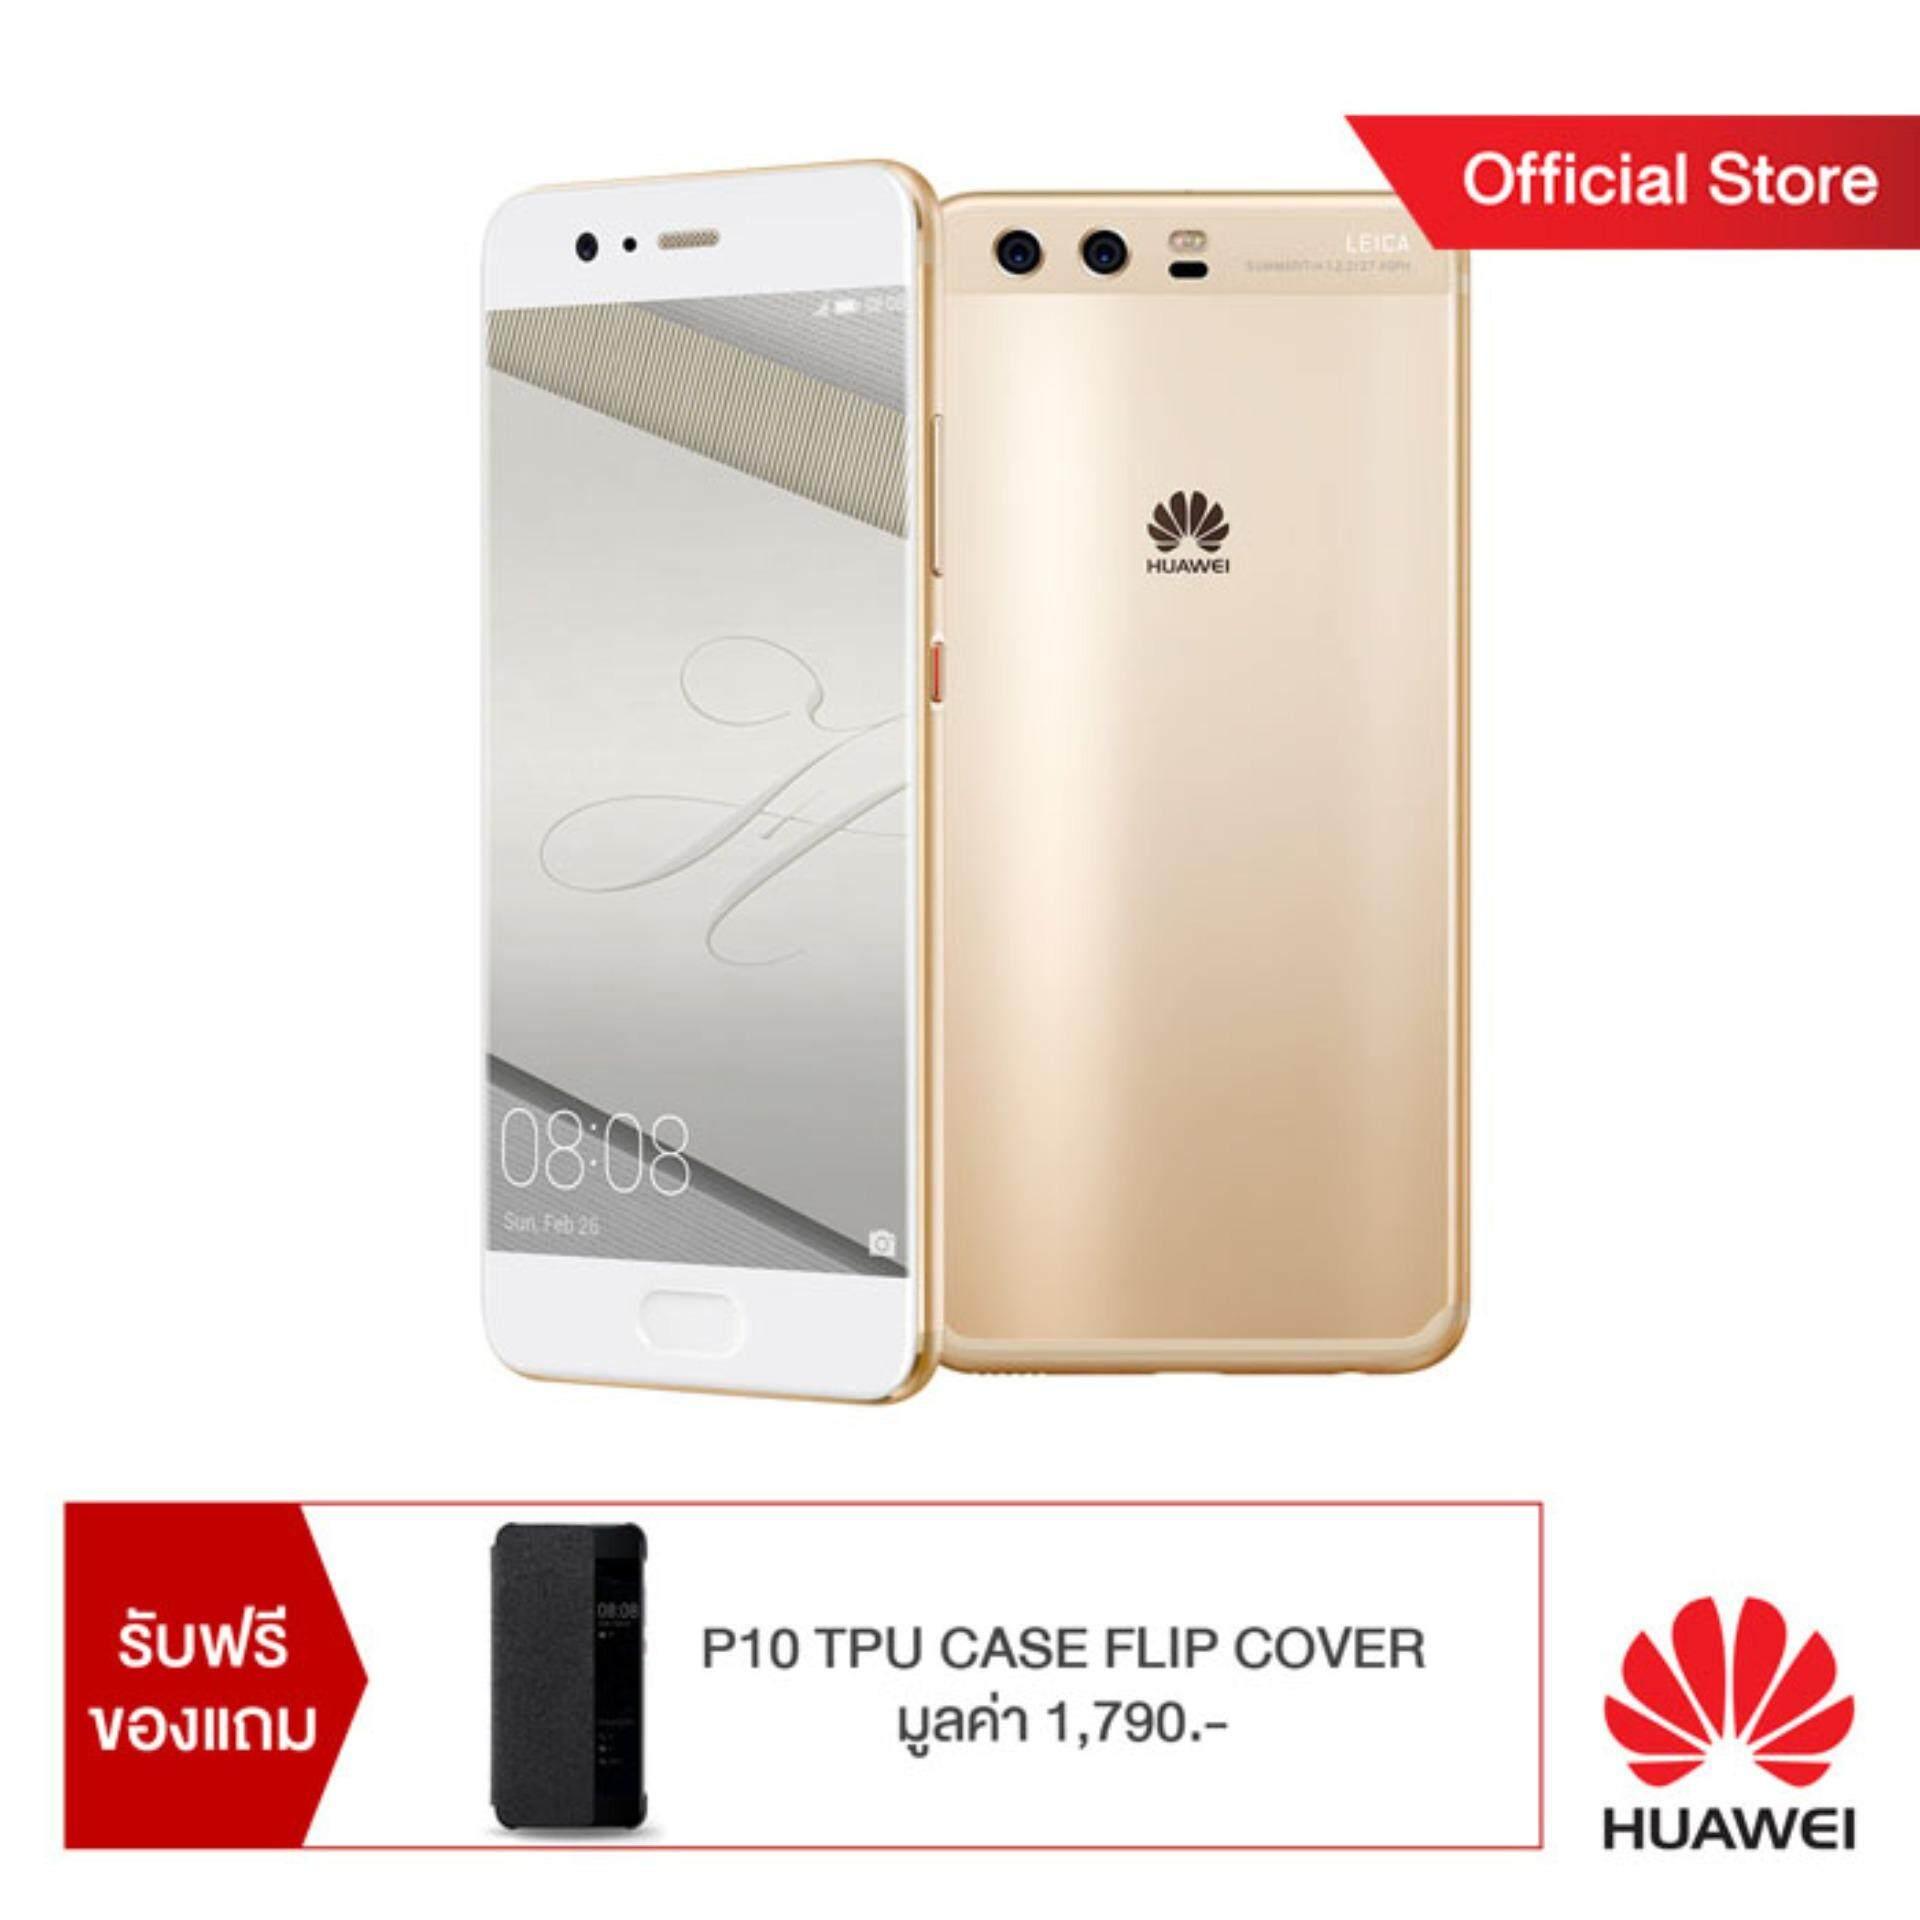 ขาย Huawei P10 32Gb Prestige Gold พิเศษ รับฟรี Tpu Case Flip Cover มูลค่า 1 790 บาท ออนไลน์ ใน Thailand